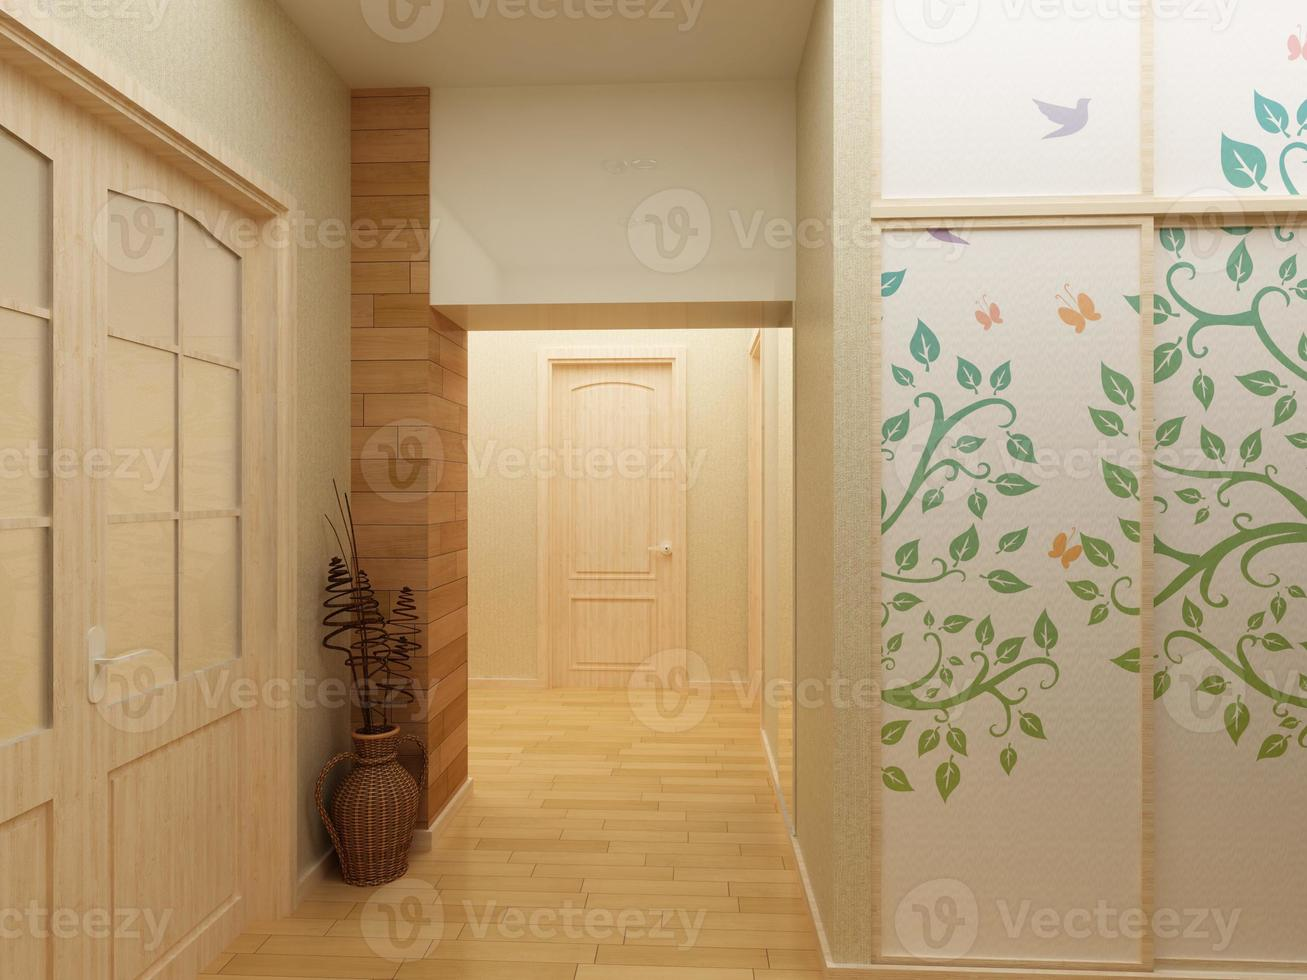 interior design moderno di hall, corridoio. Rendering 3D foto